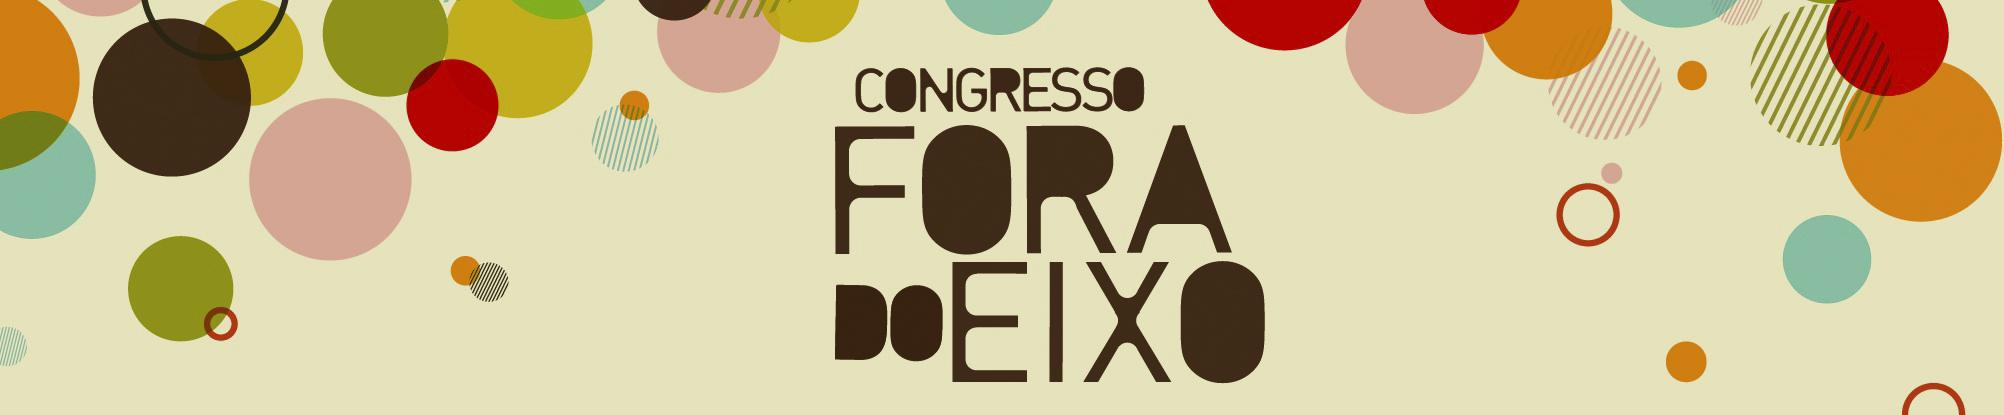 Logo Congresso Fora do Eixo